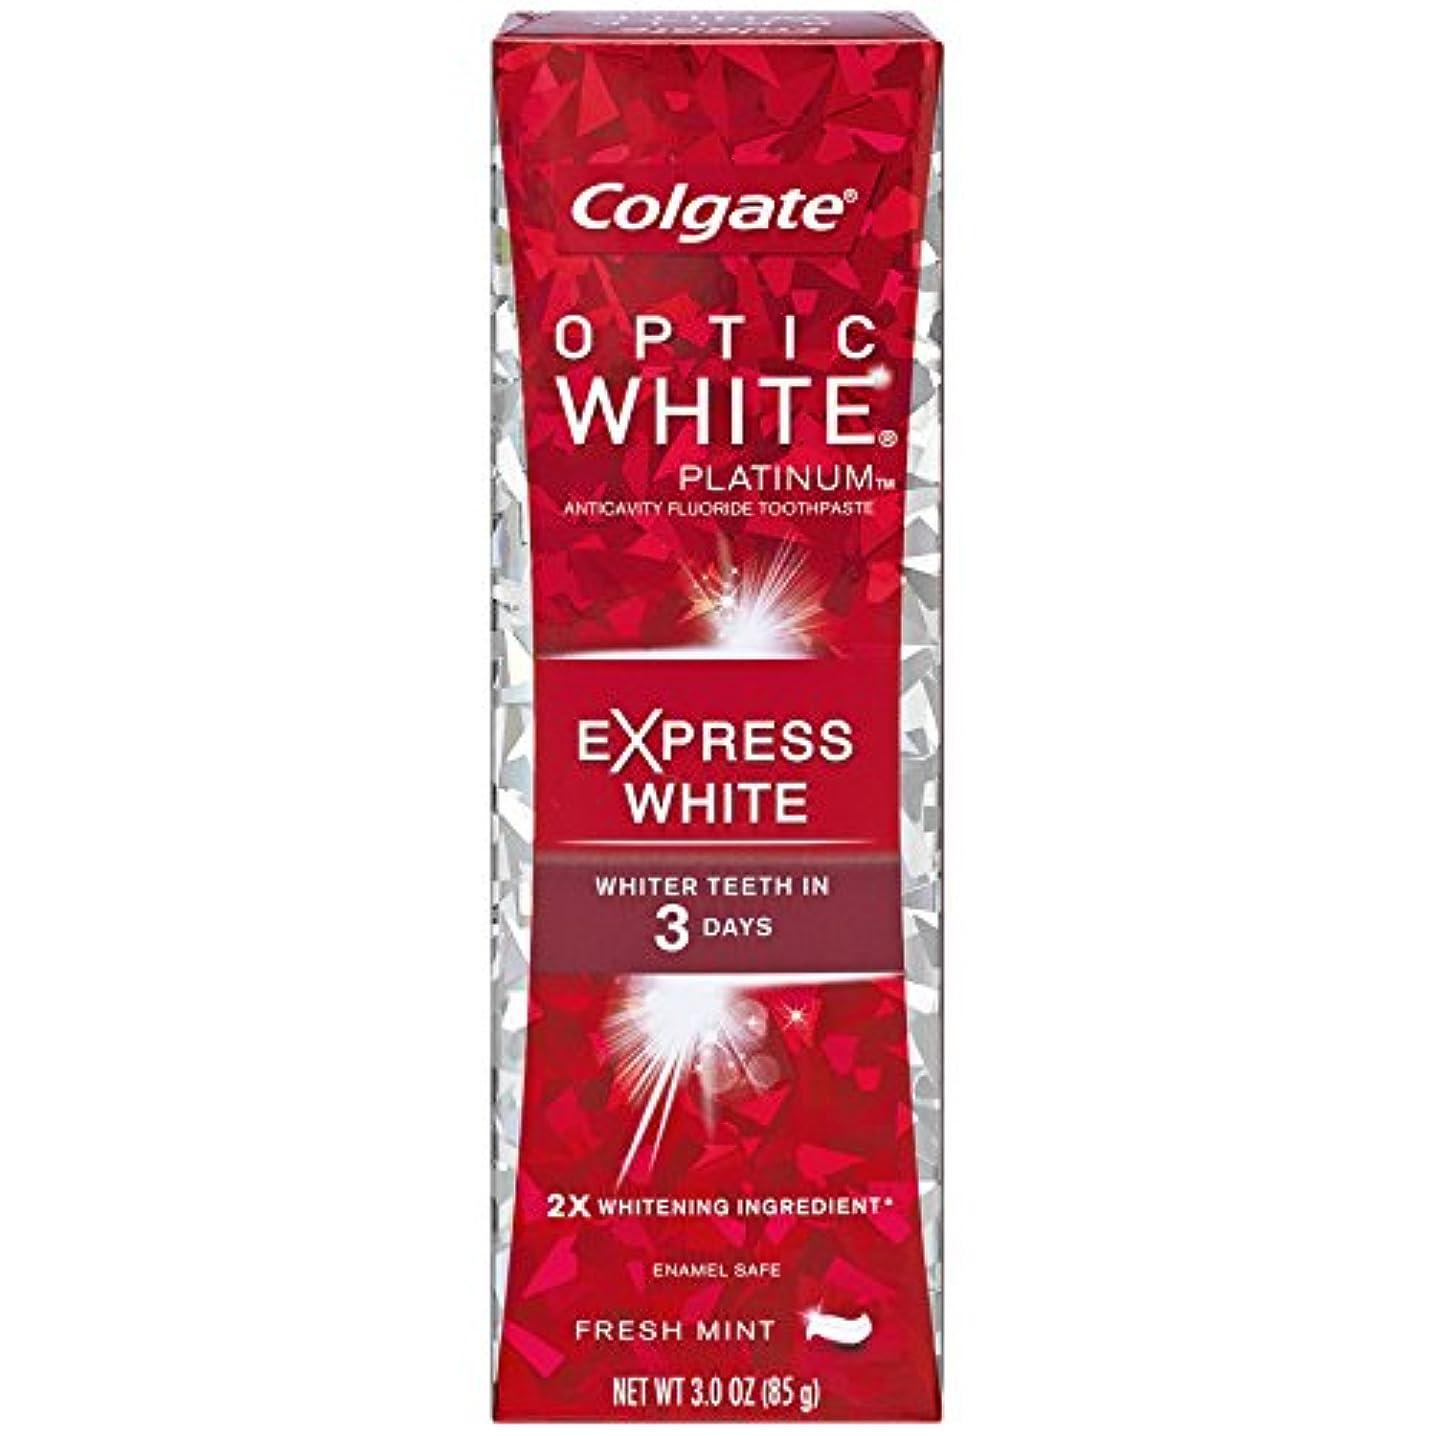 服を着るボランティアずっとコルゲート 歯みがき粉 オプティック ホワイト 3Days エクスプレス ホワイト